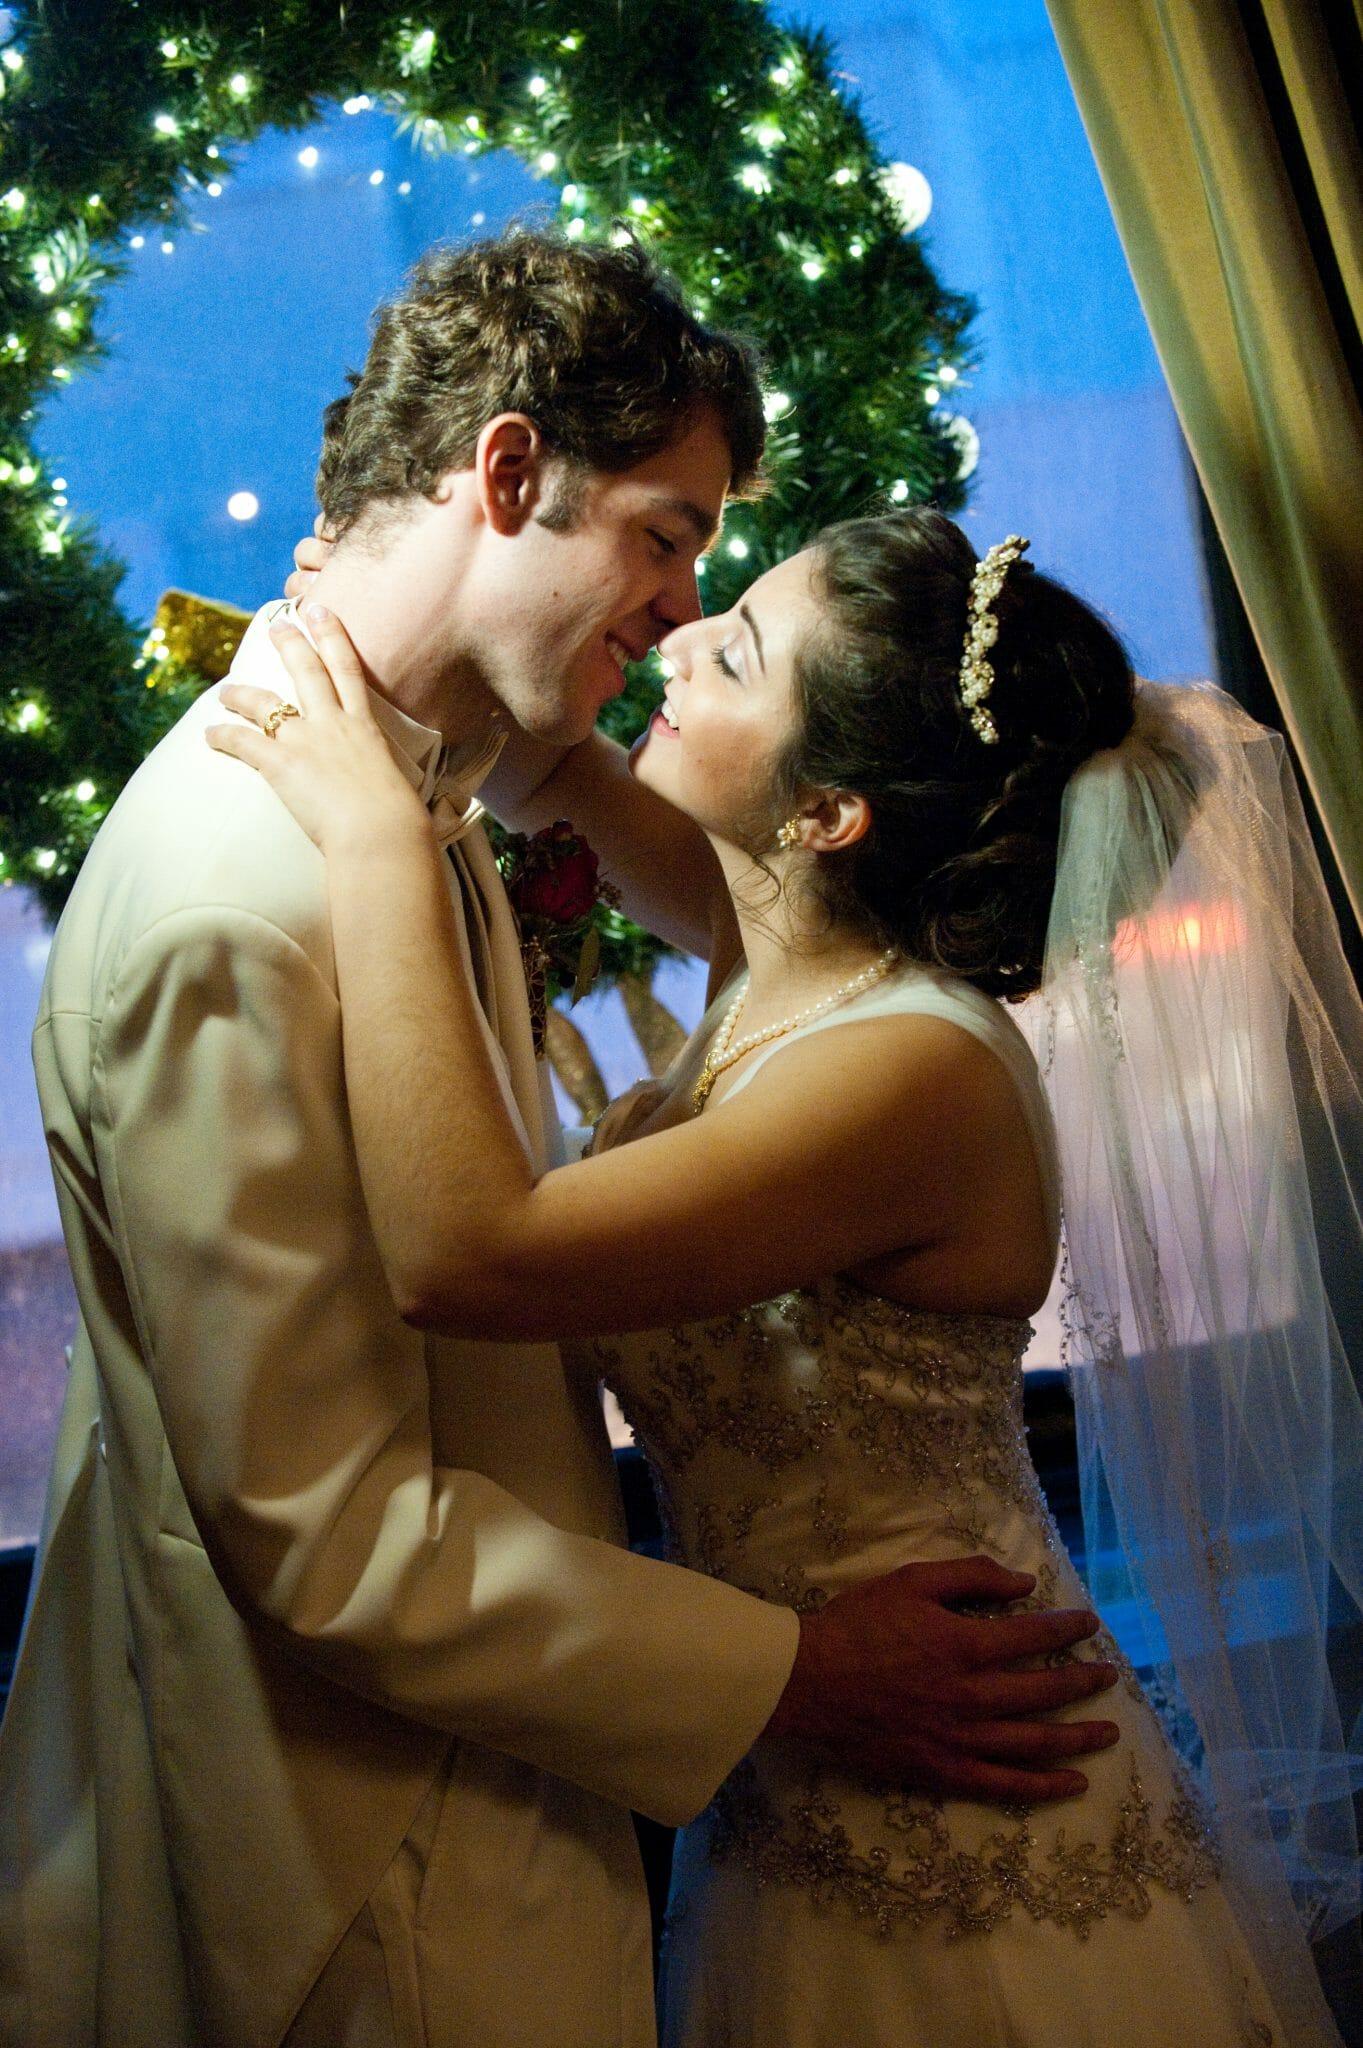 Bethesda Maryland wedding photography Marklovettphotography.com